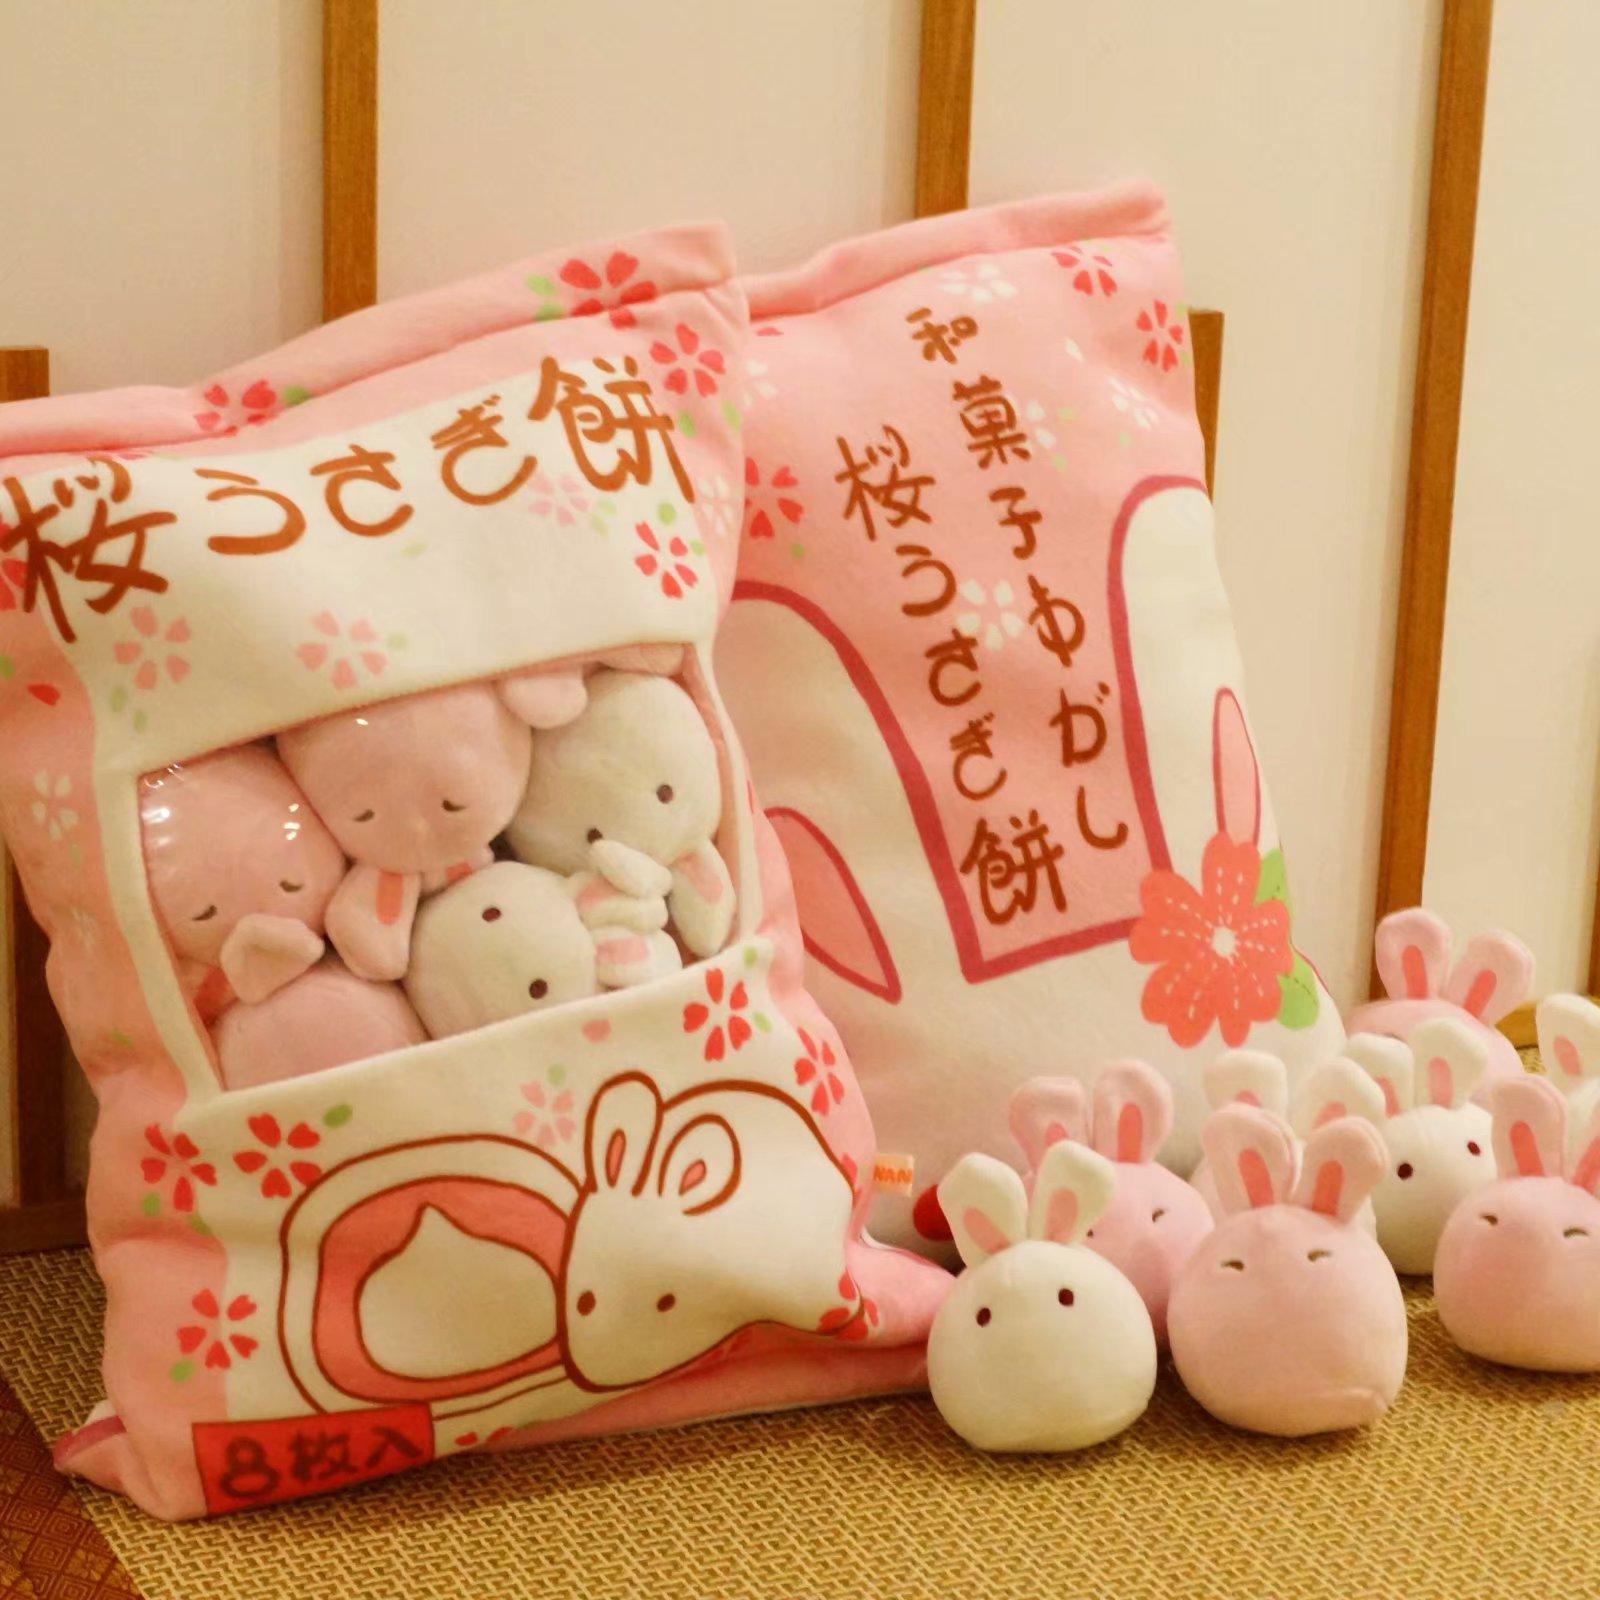 ins可爱日本樱花仿真小兔子团子零食创意抱枕网红少女心毛绒玩具